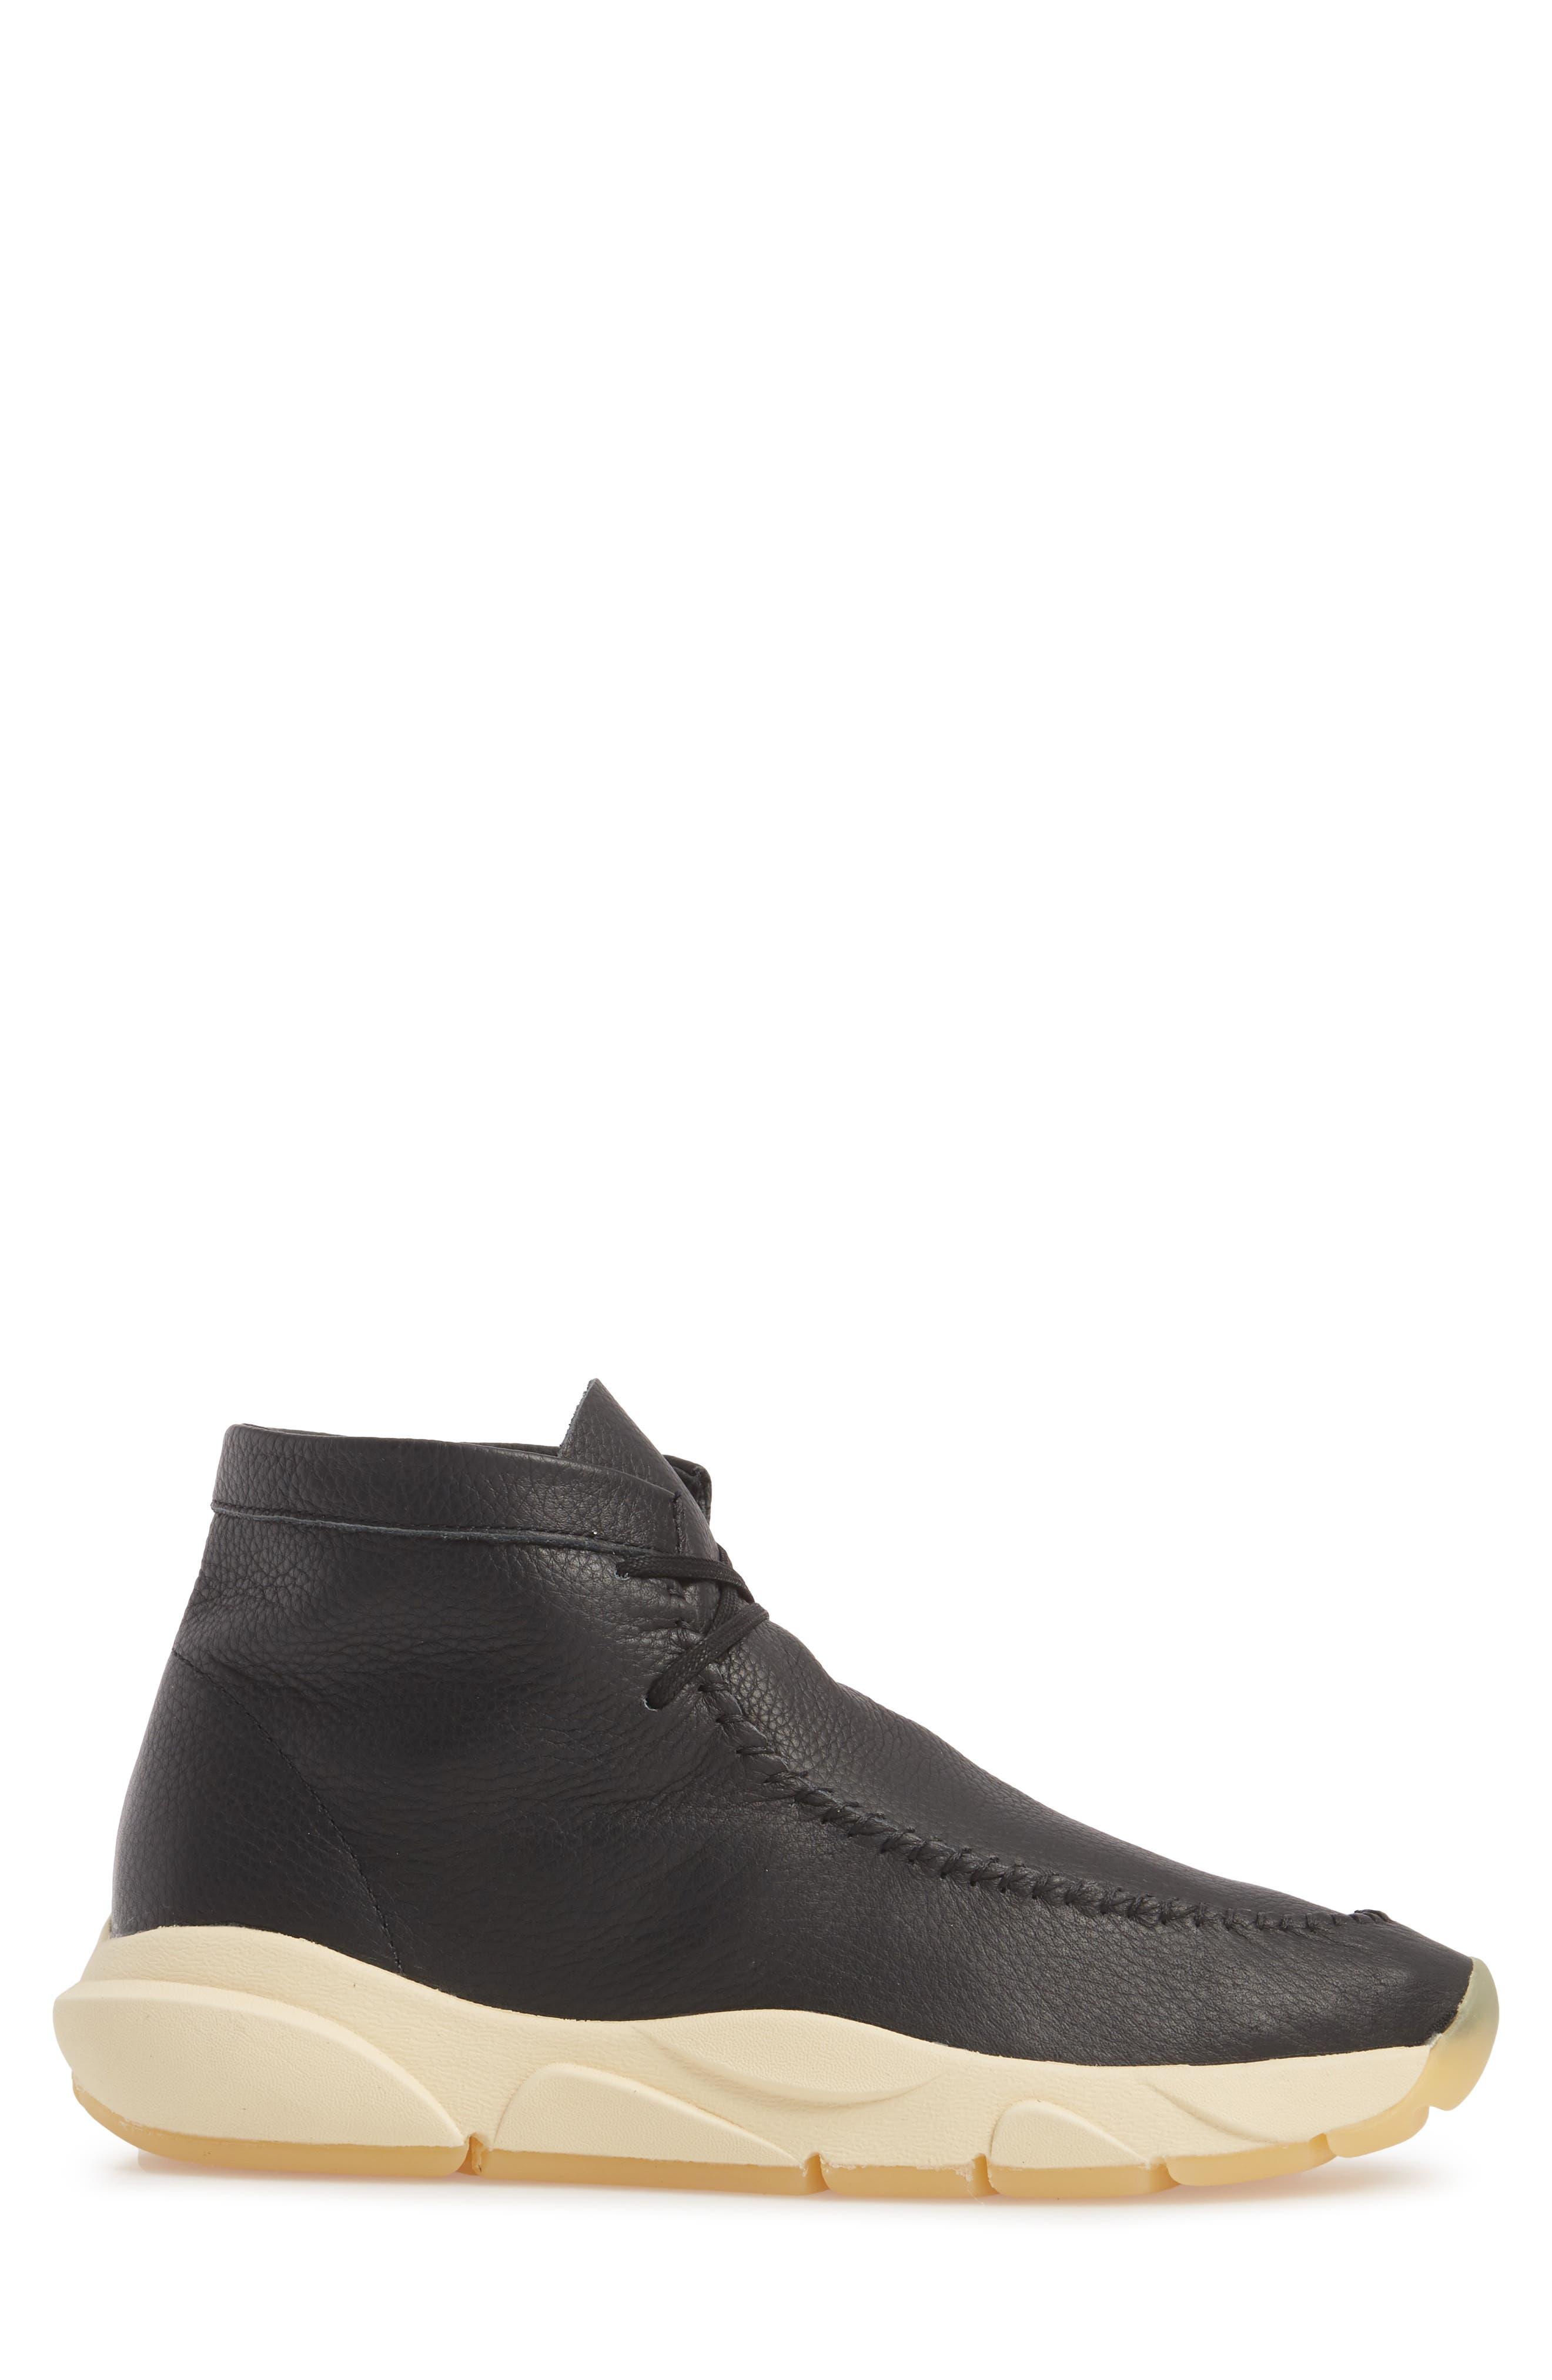 Castas Asymmetrical Chukka Sneaker,                             Alternate thumbnail 3, color,